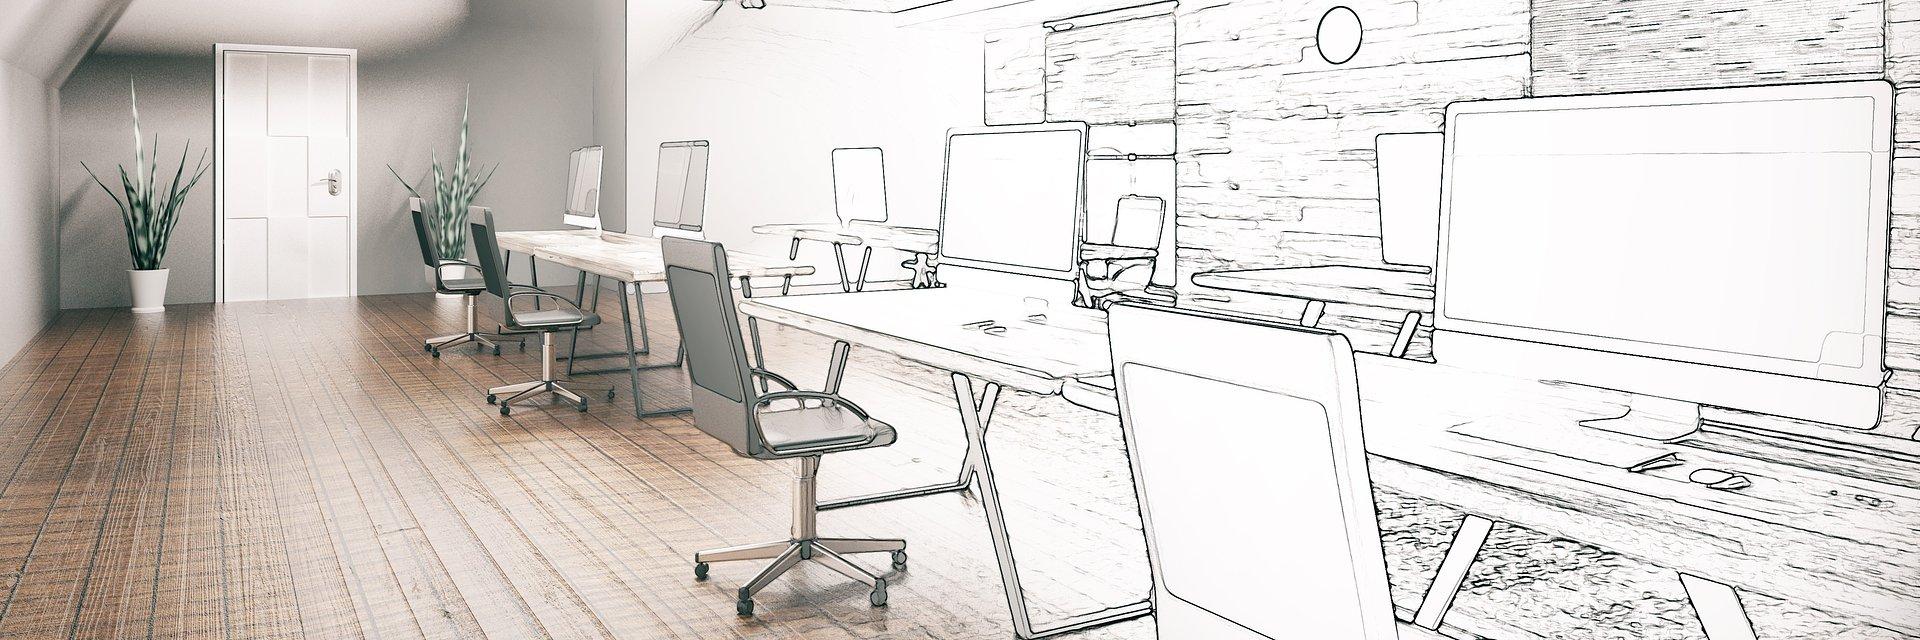 W pierwszym kwartale br. w regionach powstało 46,4 tys. mkw. nowych biur. Największy obiekt oddano w Gdańsku